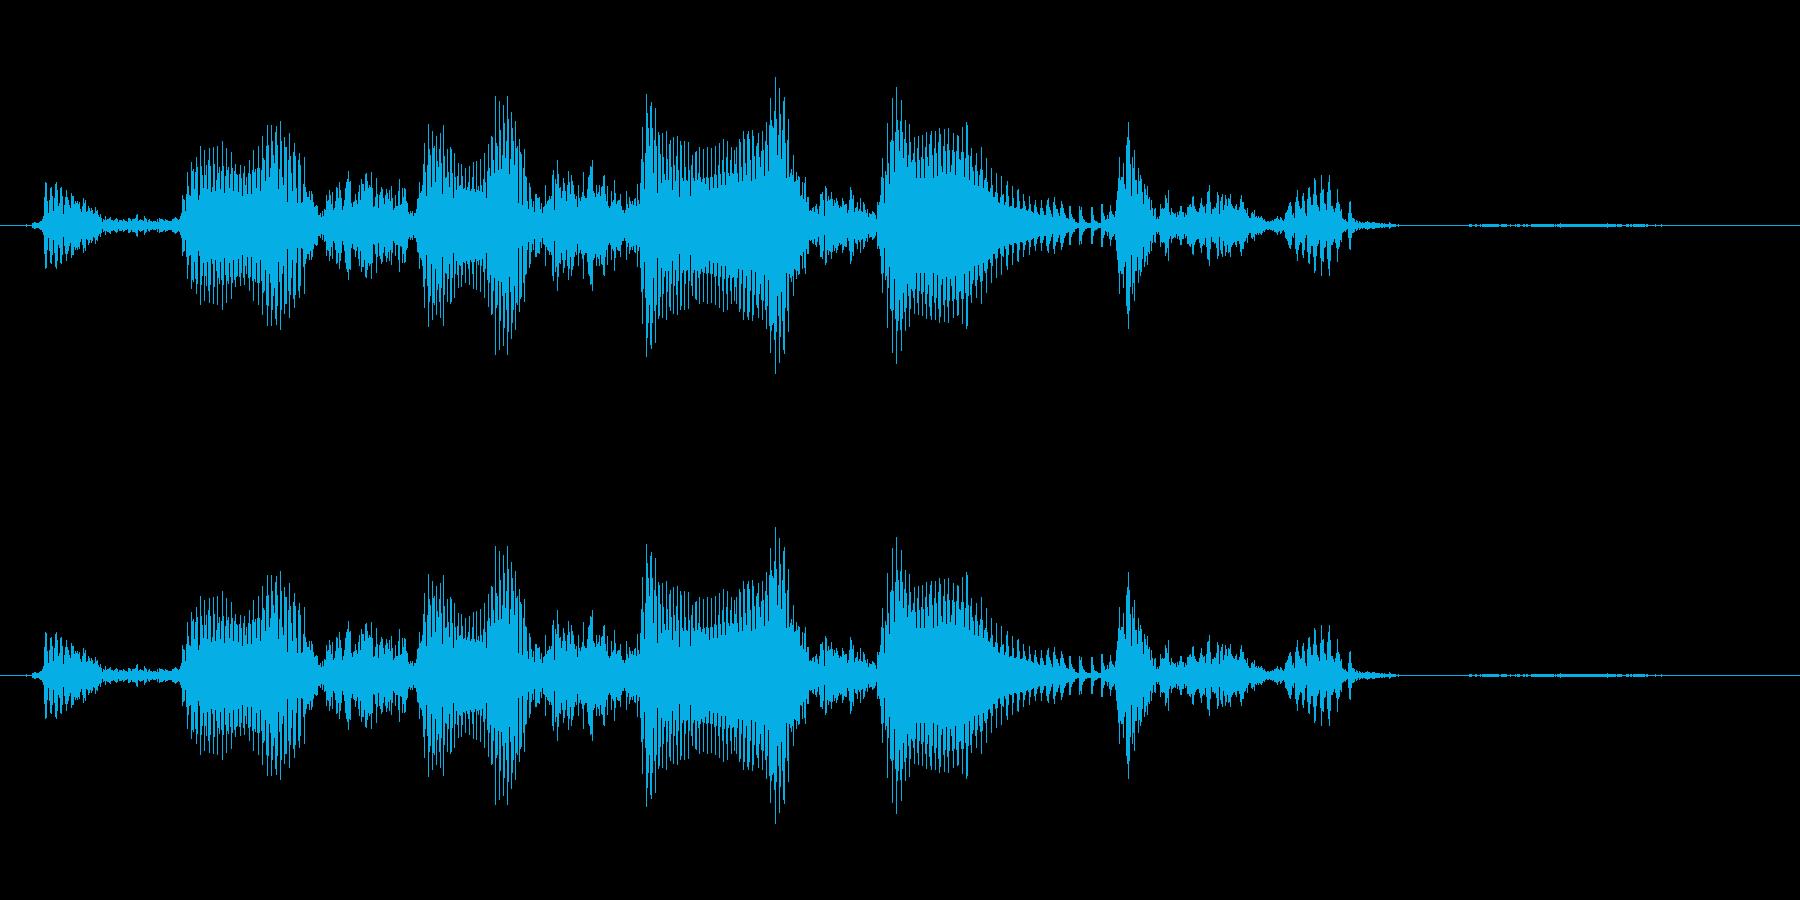 えへへへ 幼児(1~2歳)の笑い声の再生済みの波形